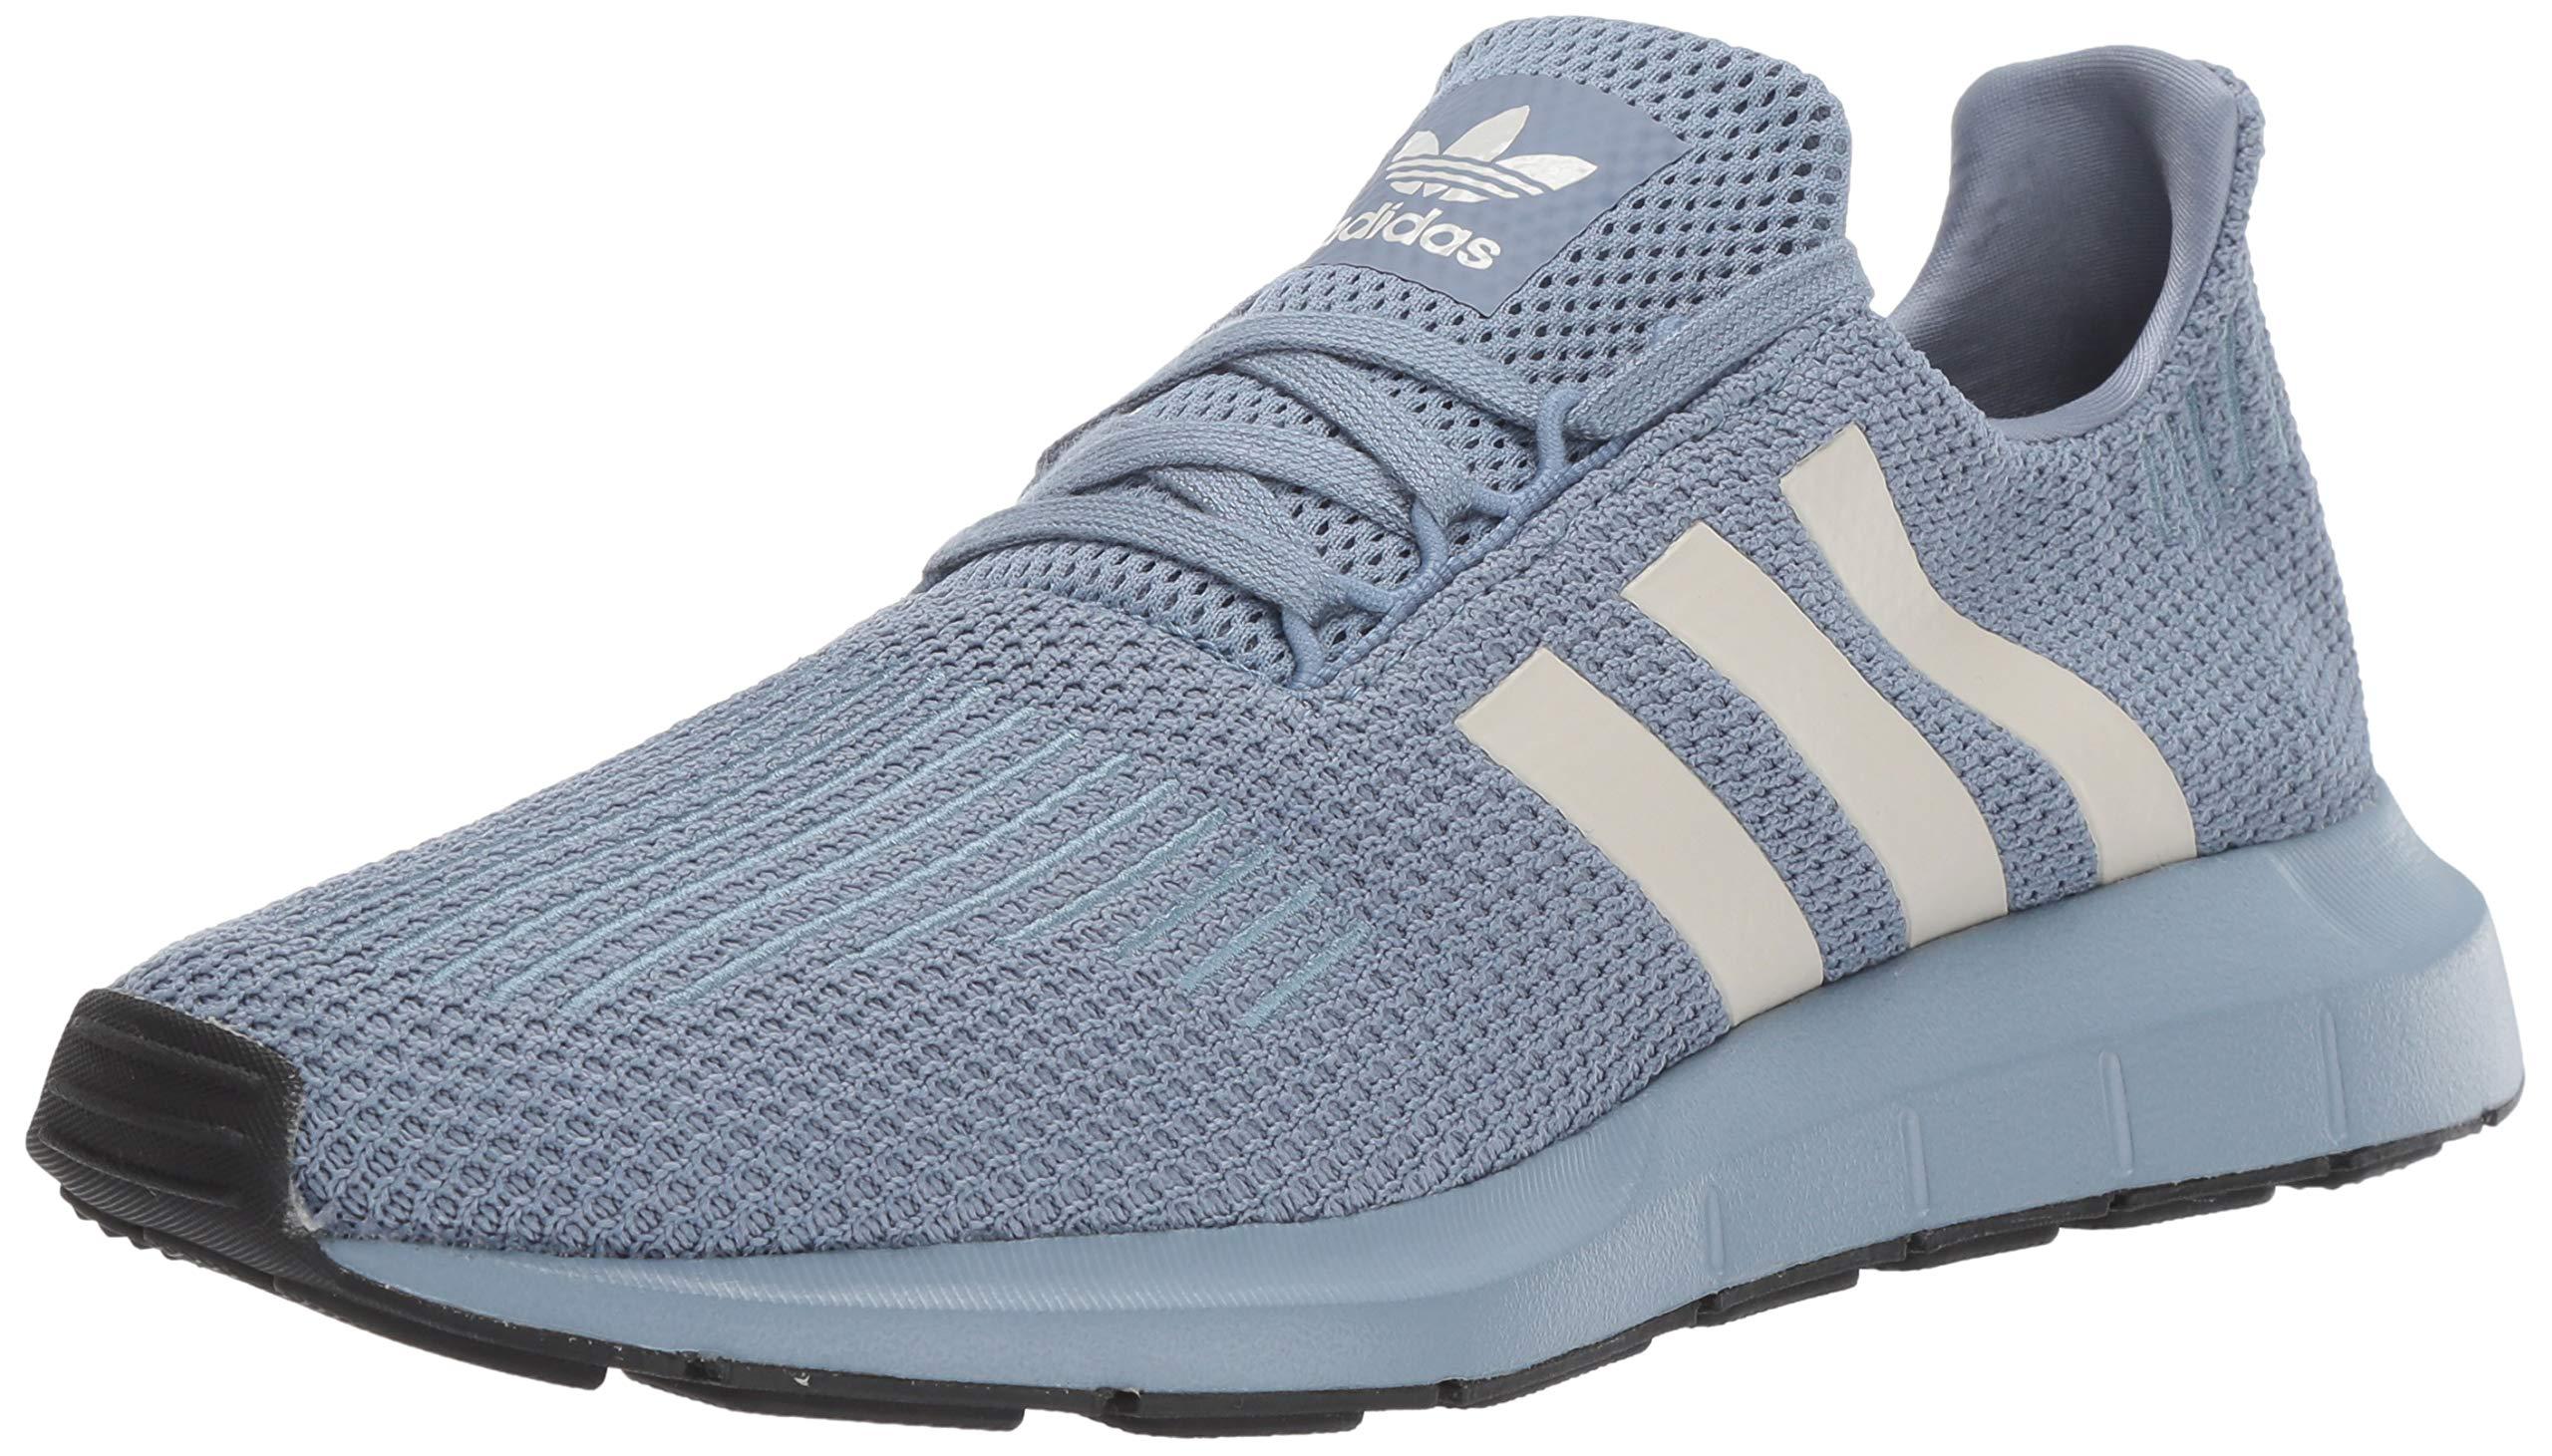 66be6b4d40 adidas Men's Swift Running Shoe